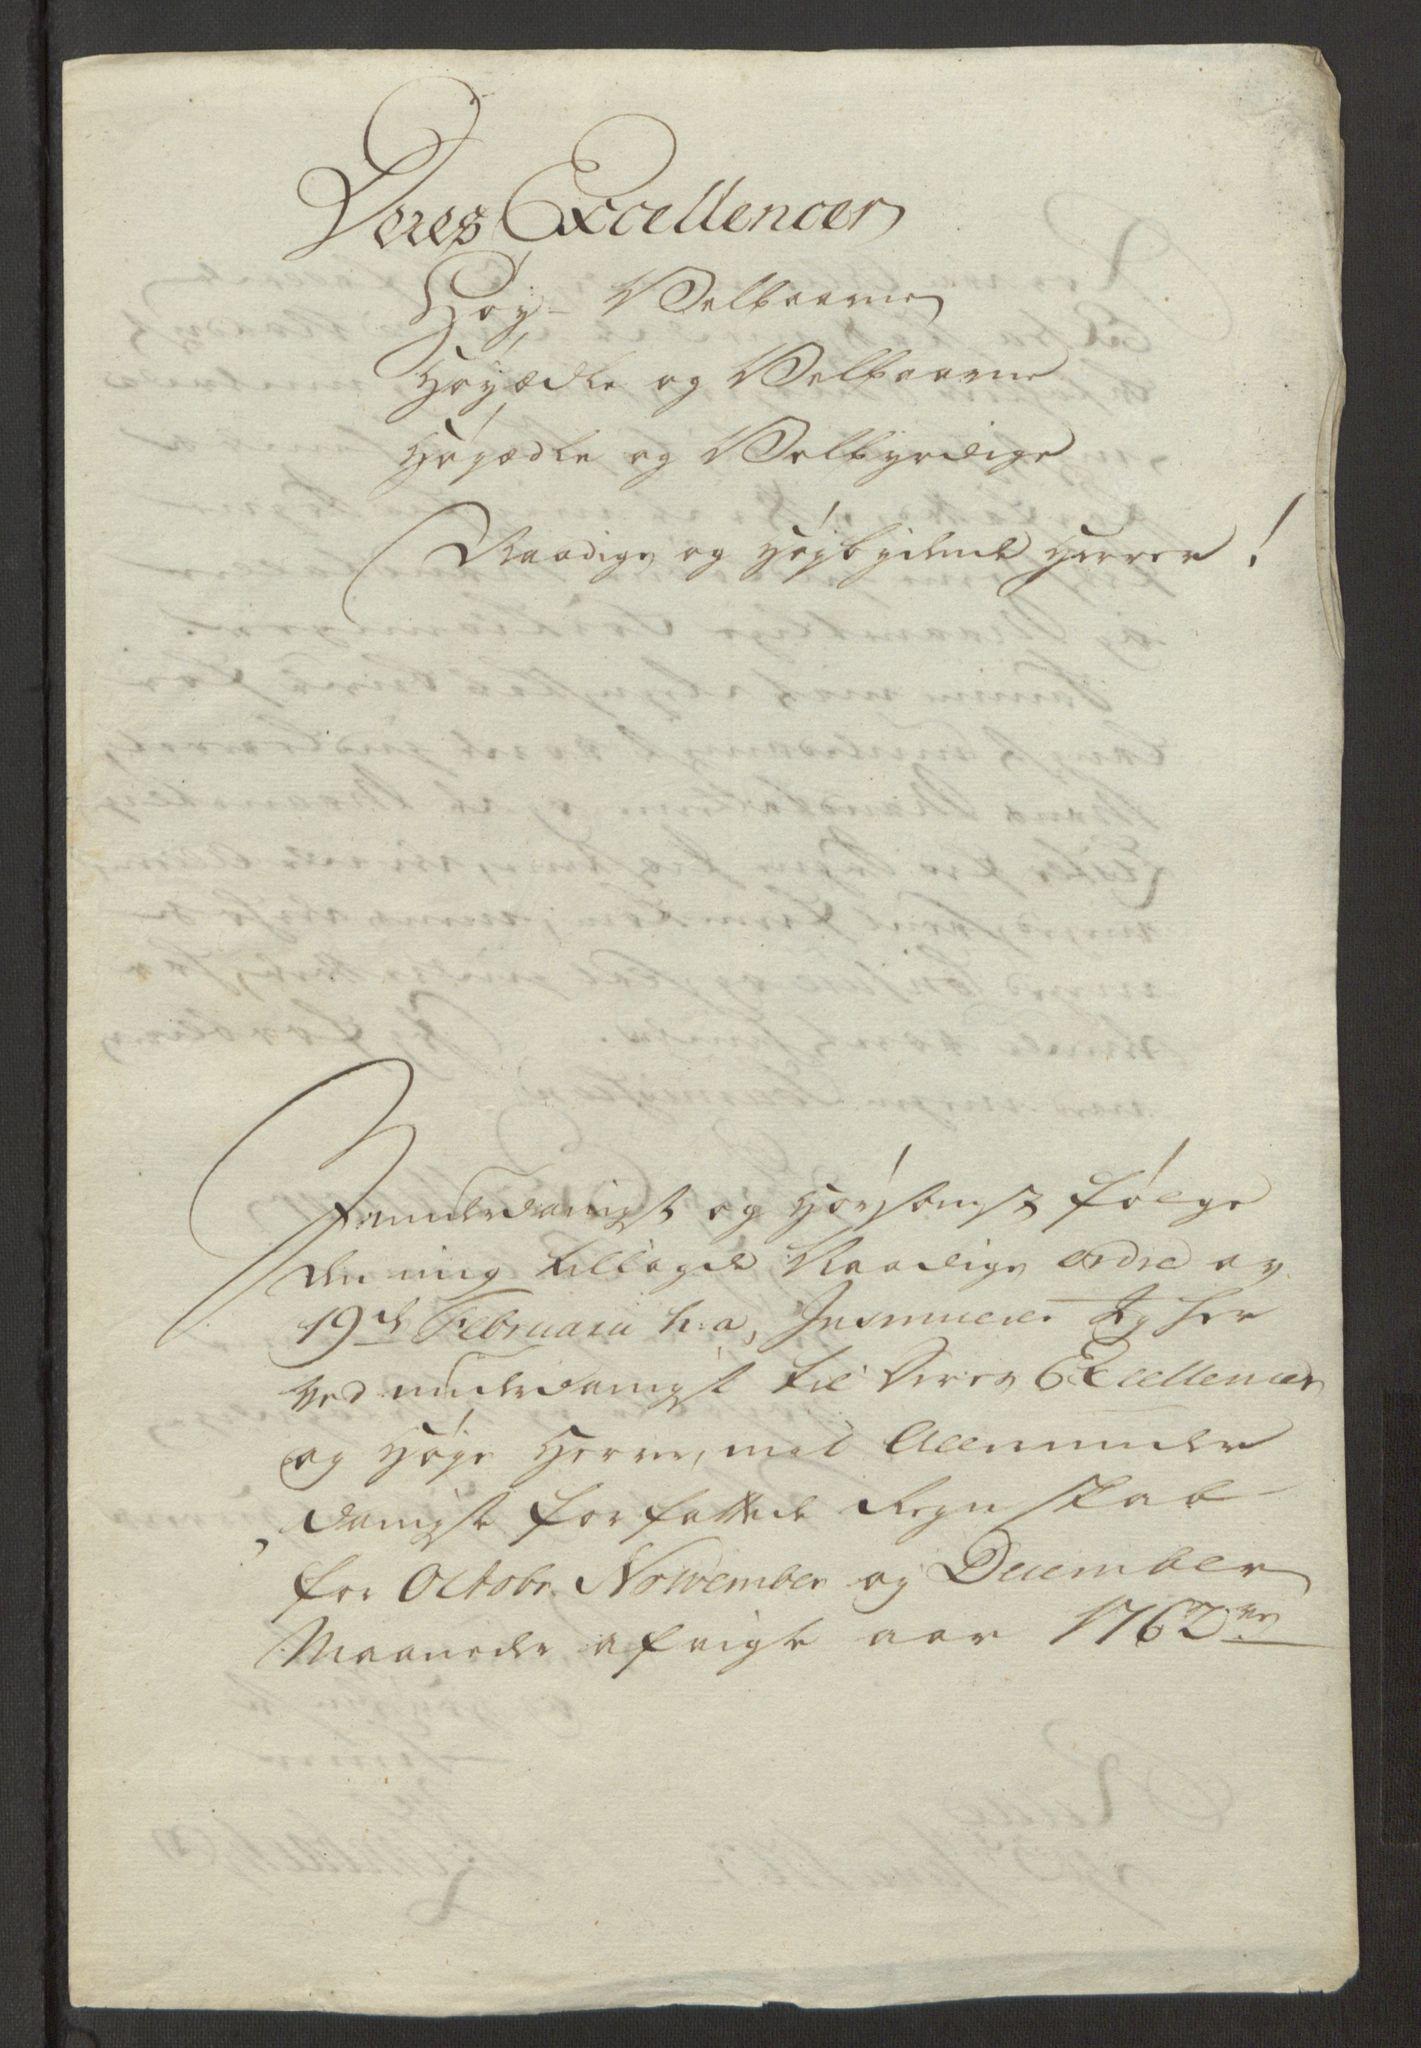 RA, Rentekammeret inntil 1814, Reviderte regnskaper, Fogderegnskap, R23/L1565: Ekstraskatten Ringerike og Hallingdal, 1762-1763, s. 339